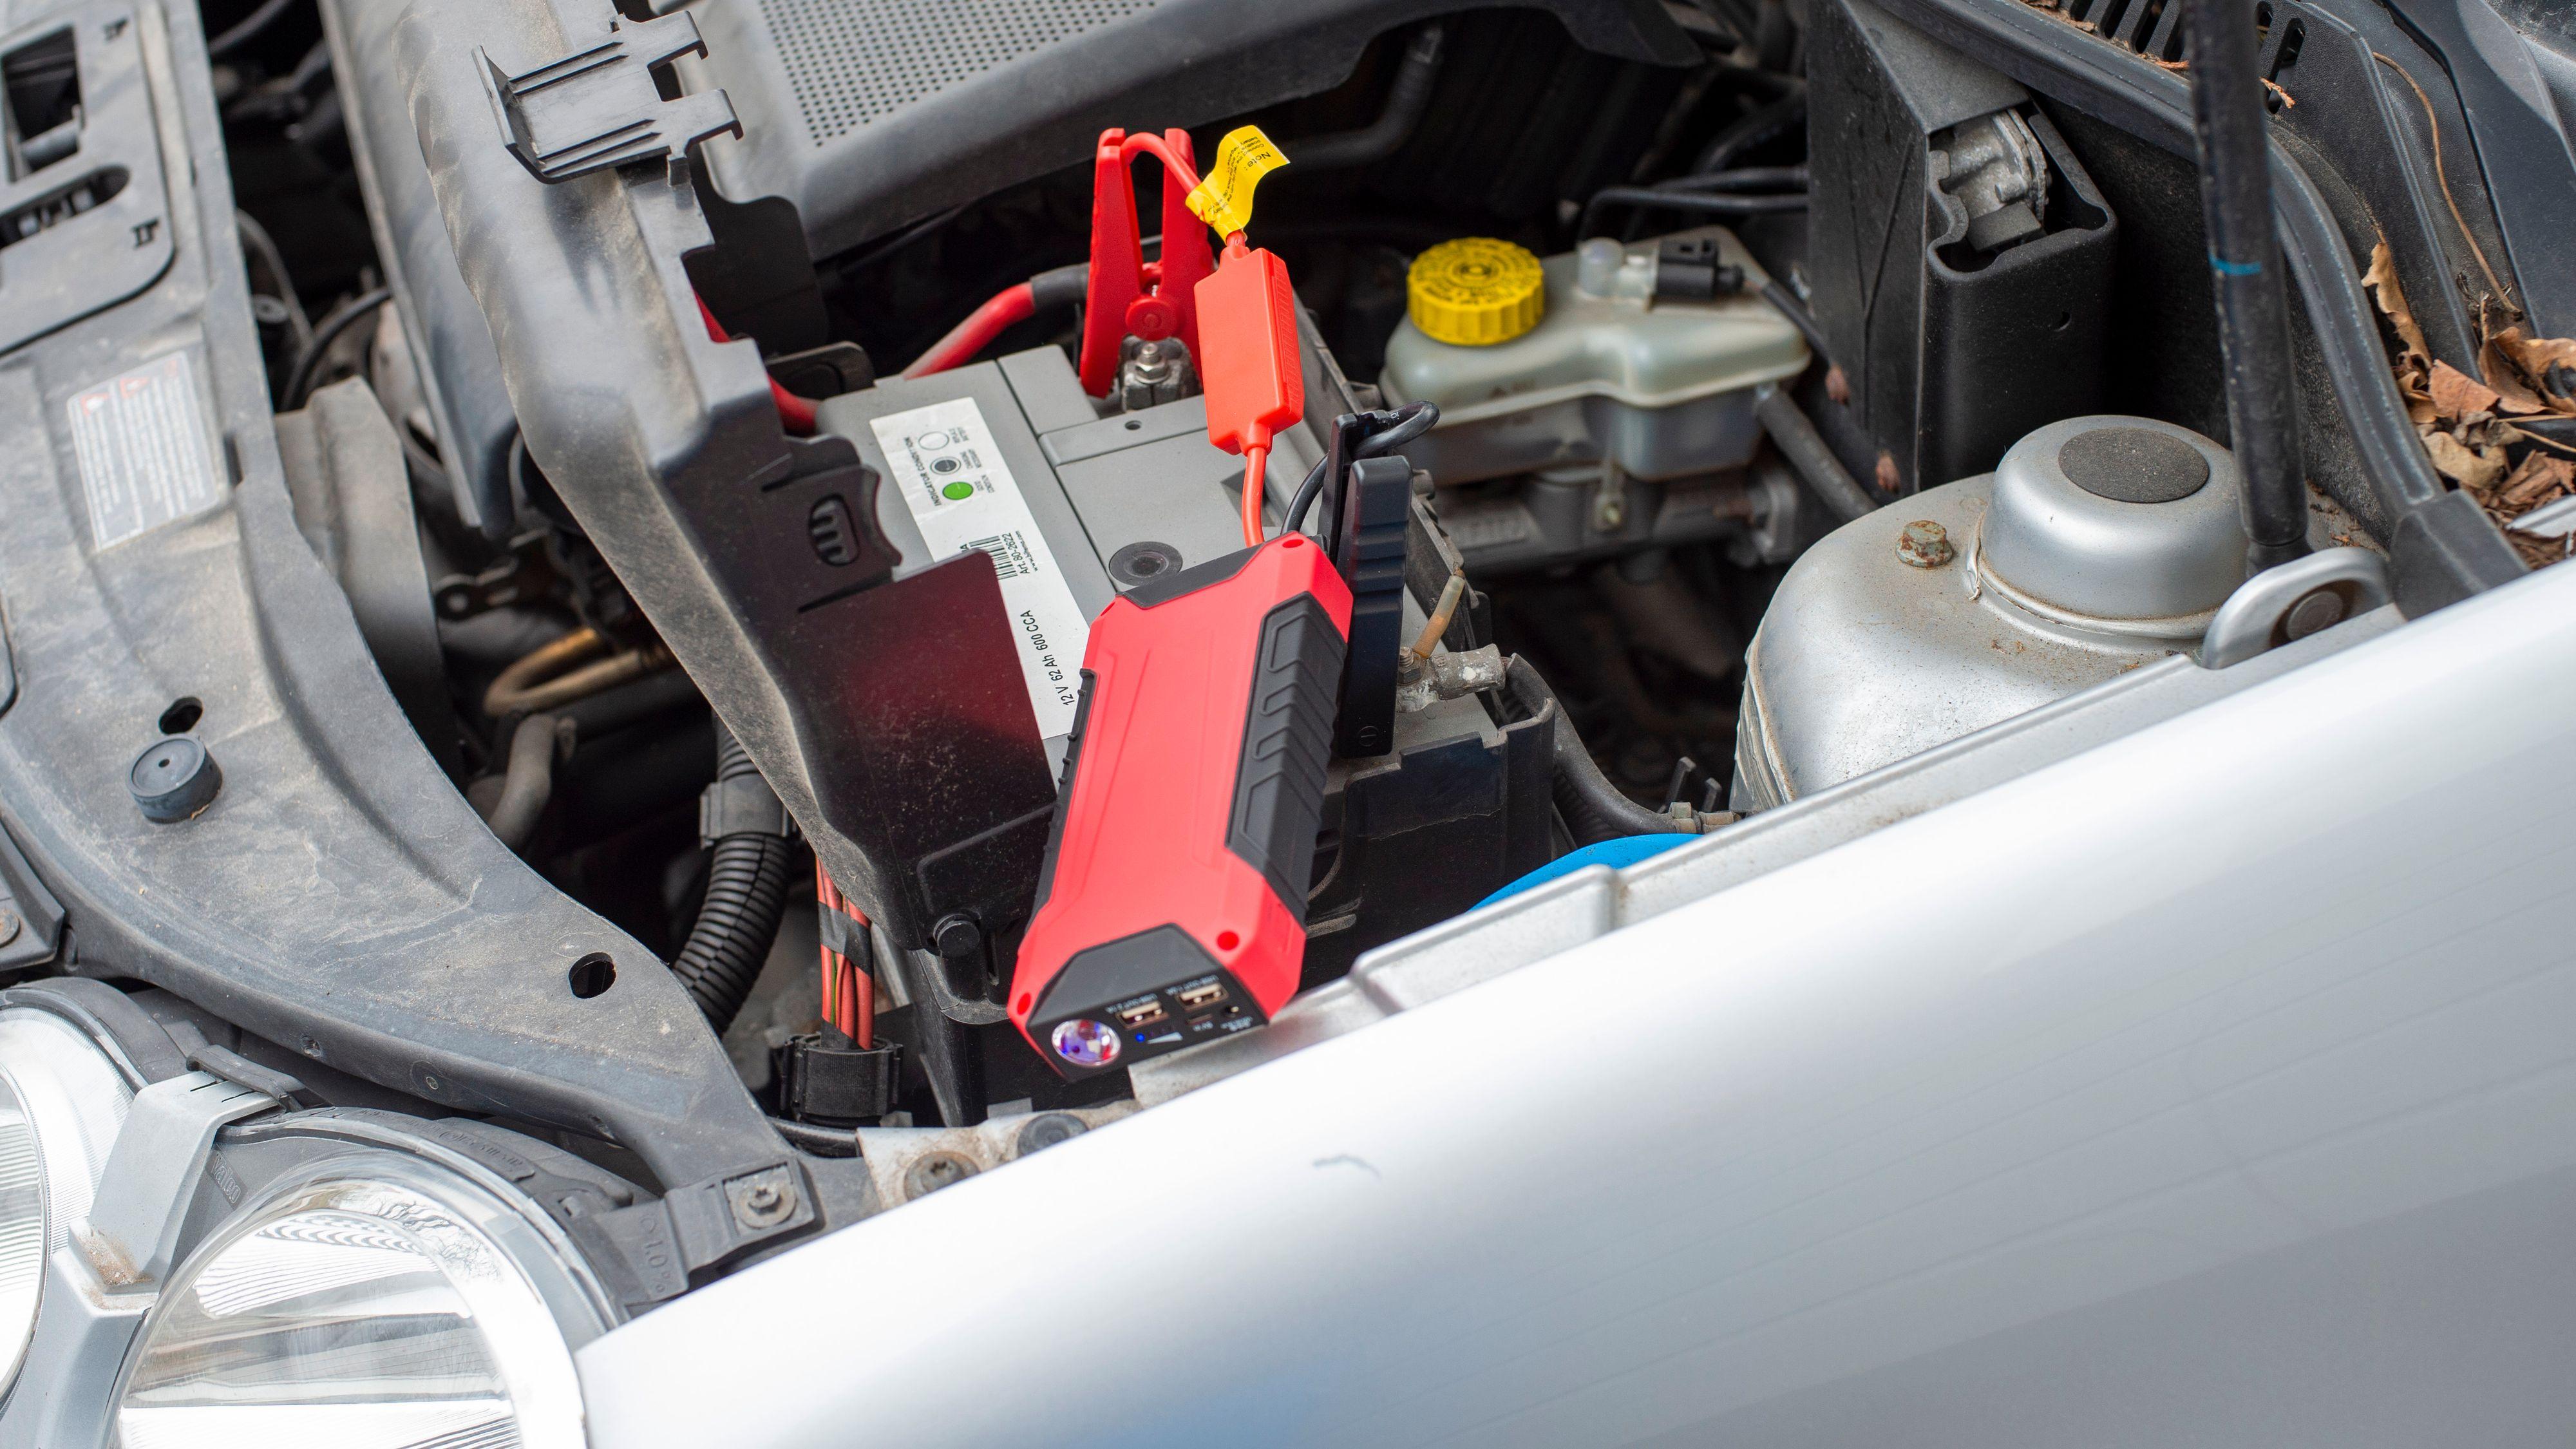 Denne nødladeren starter bilen din.